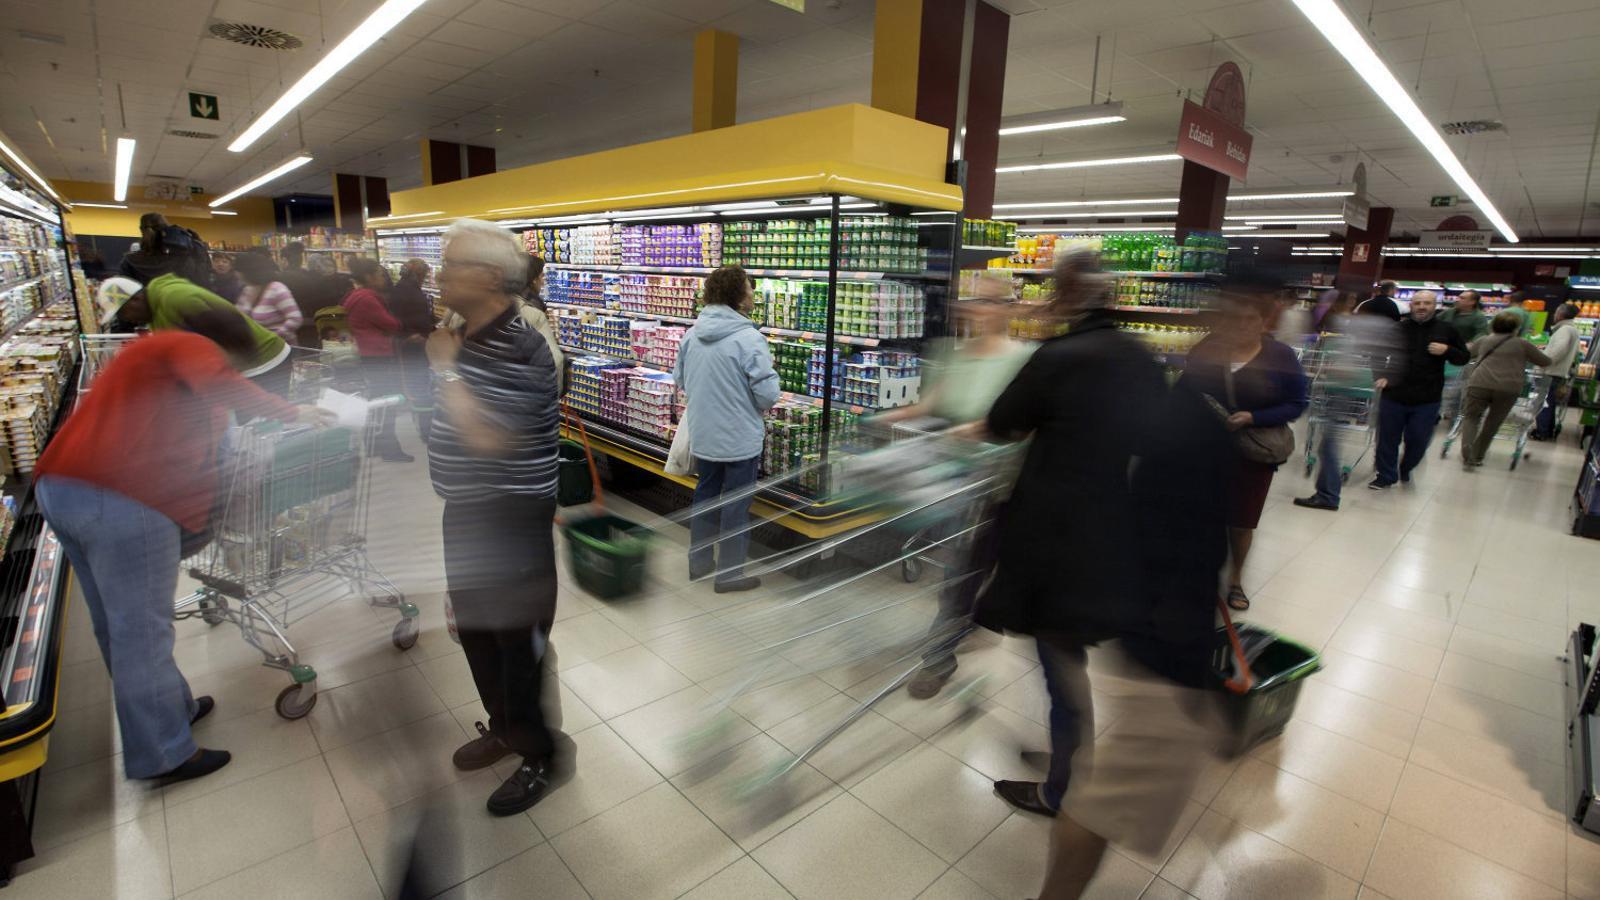 Un dels establiments que Mercadona, líder de supermercats a Espanya, té a Euskadi.